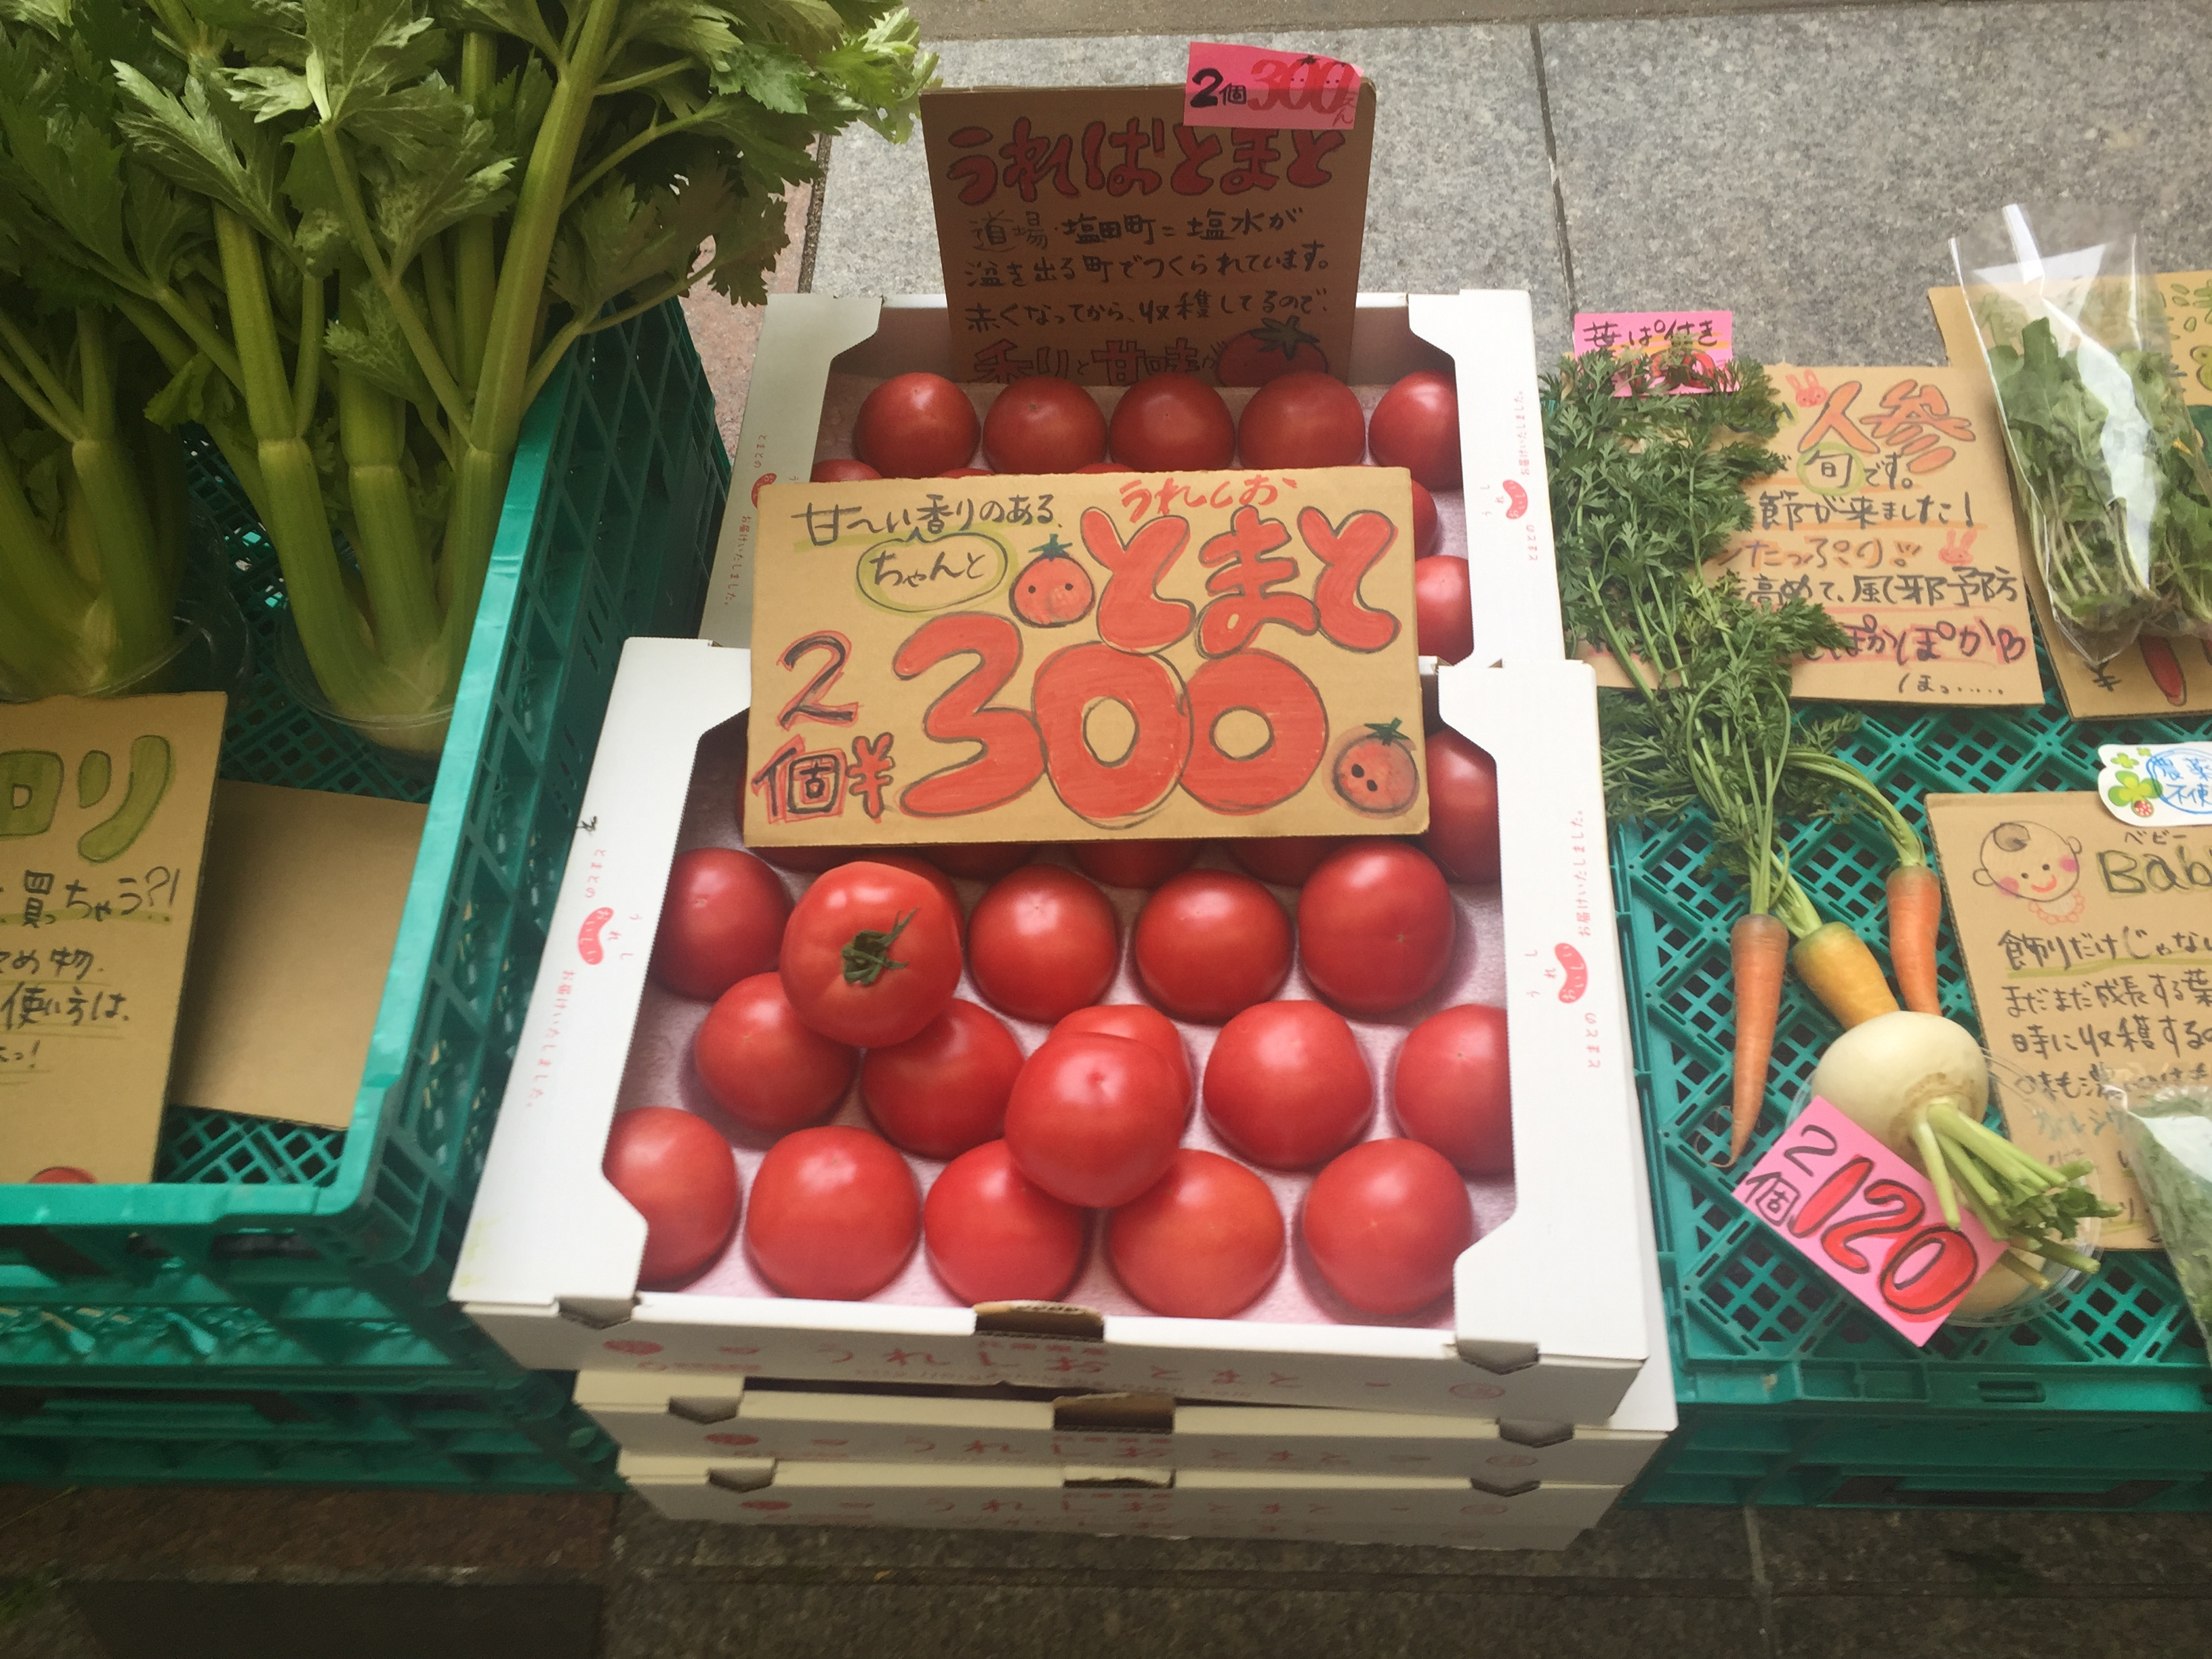 神戸・甲南本通商店街の空地(ケルン横)で毎週木曜日に神戸の新鮮野菜が販売されているよ【※写真レポあり】